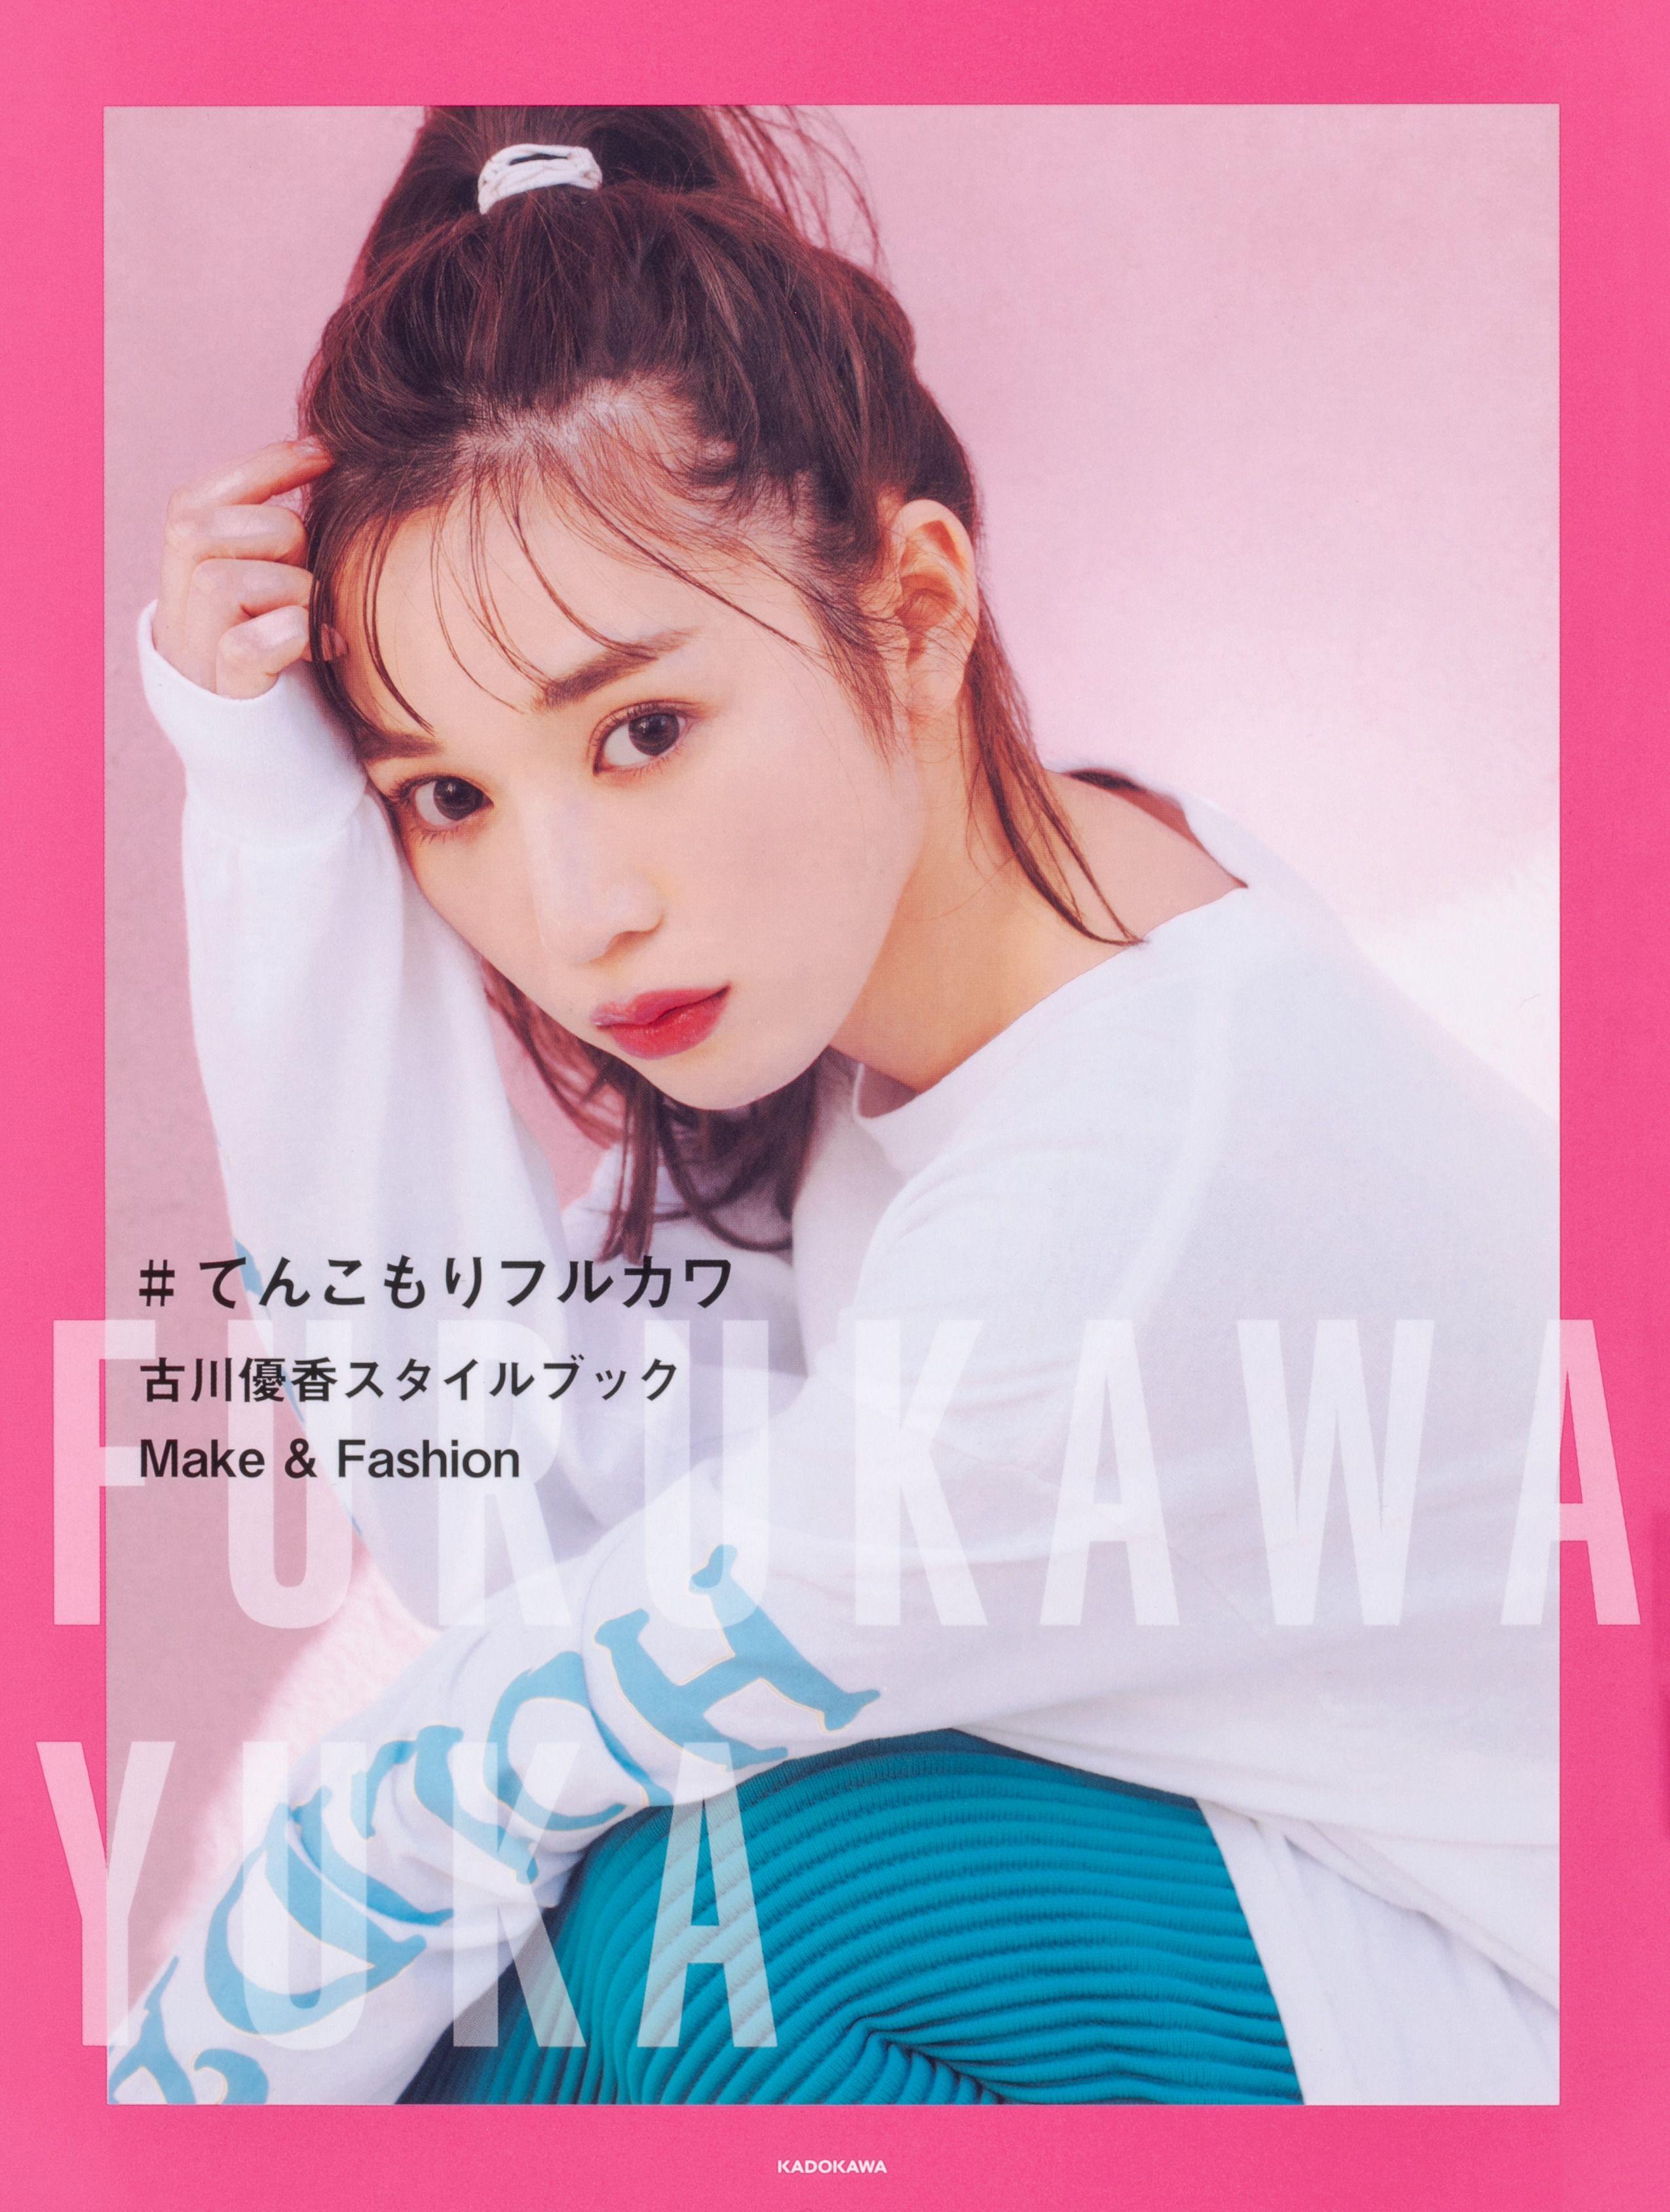 『#てんこもりフルカワ 古川優香スタイルブック Make&Fashion』(KADOKAWA)表紙